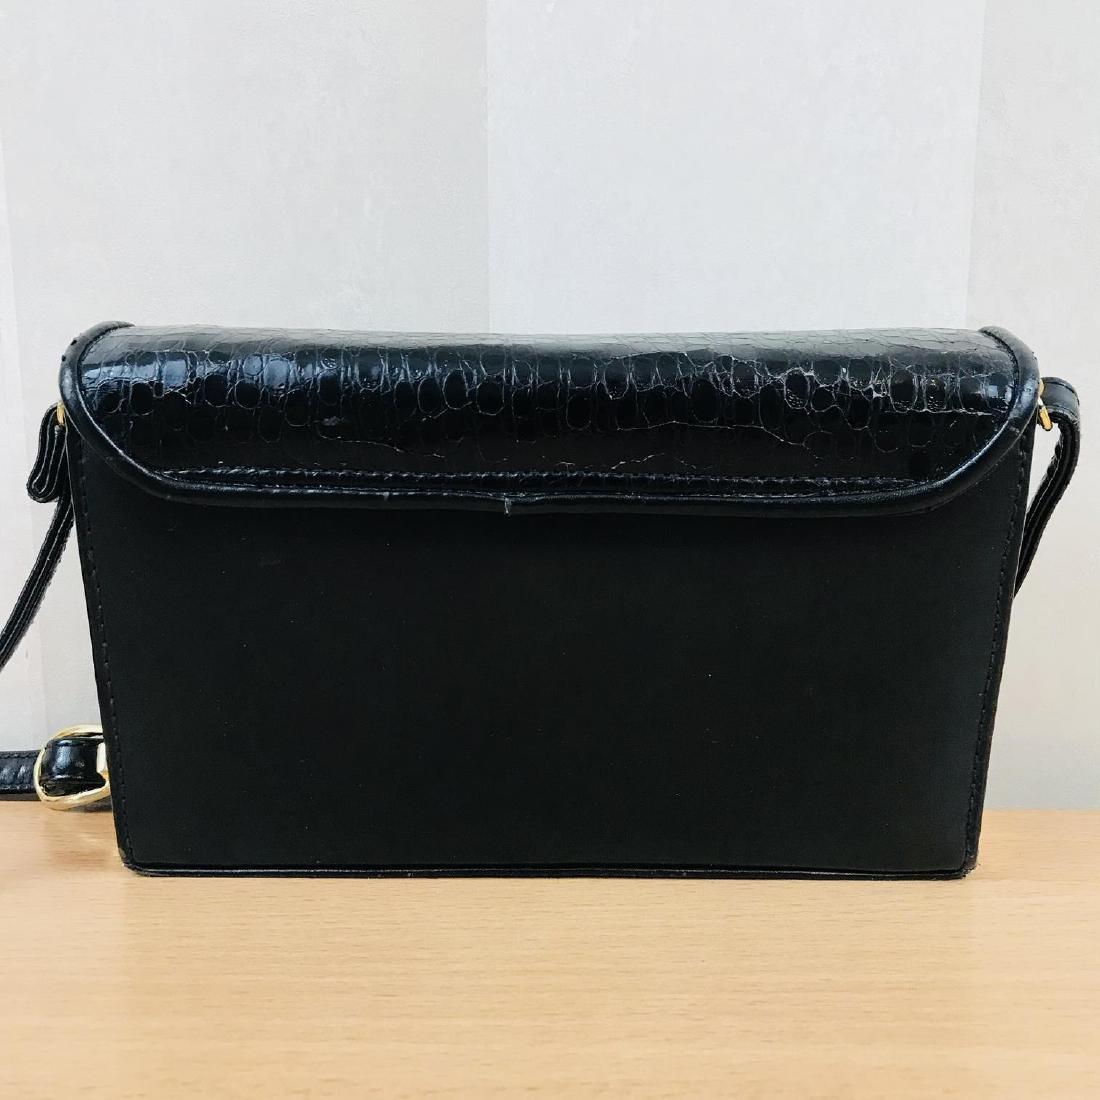 Vintage Handmade Genuine Snake Skin Leather Clutch Bag - 7